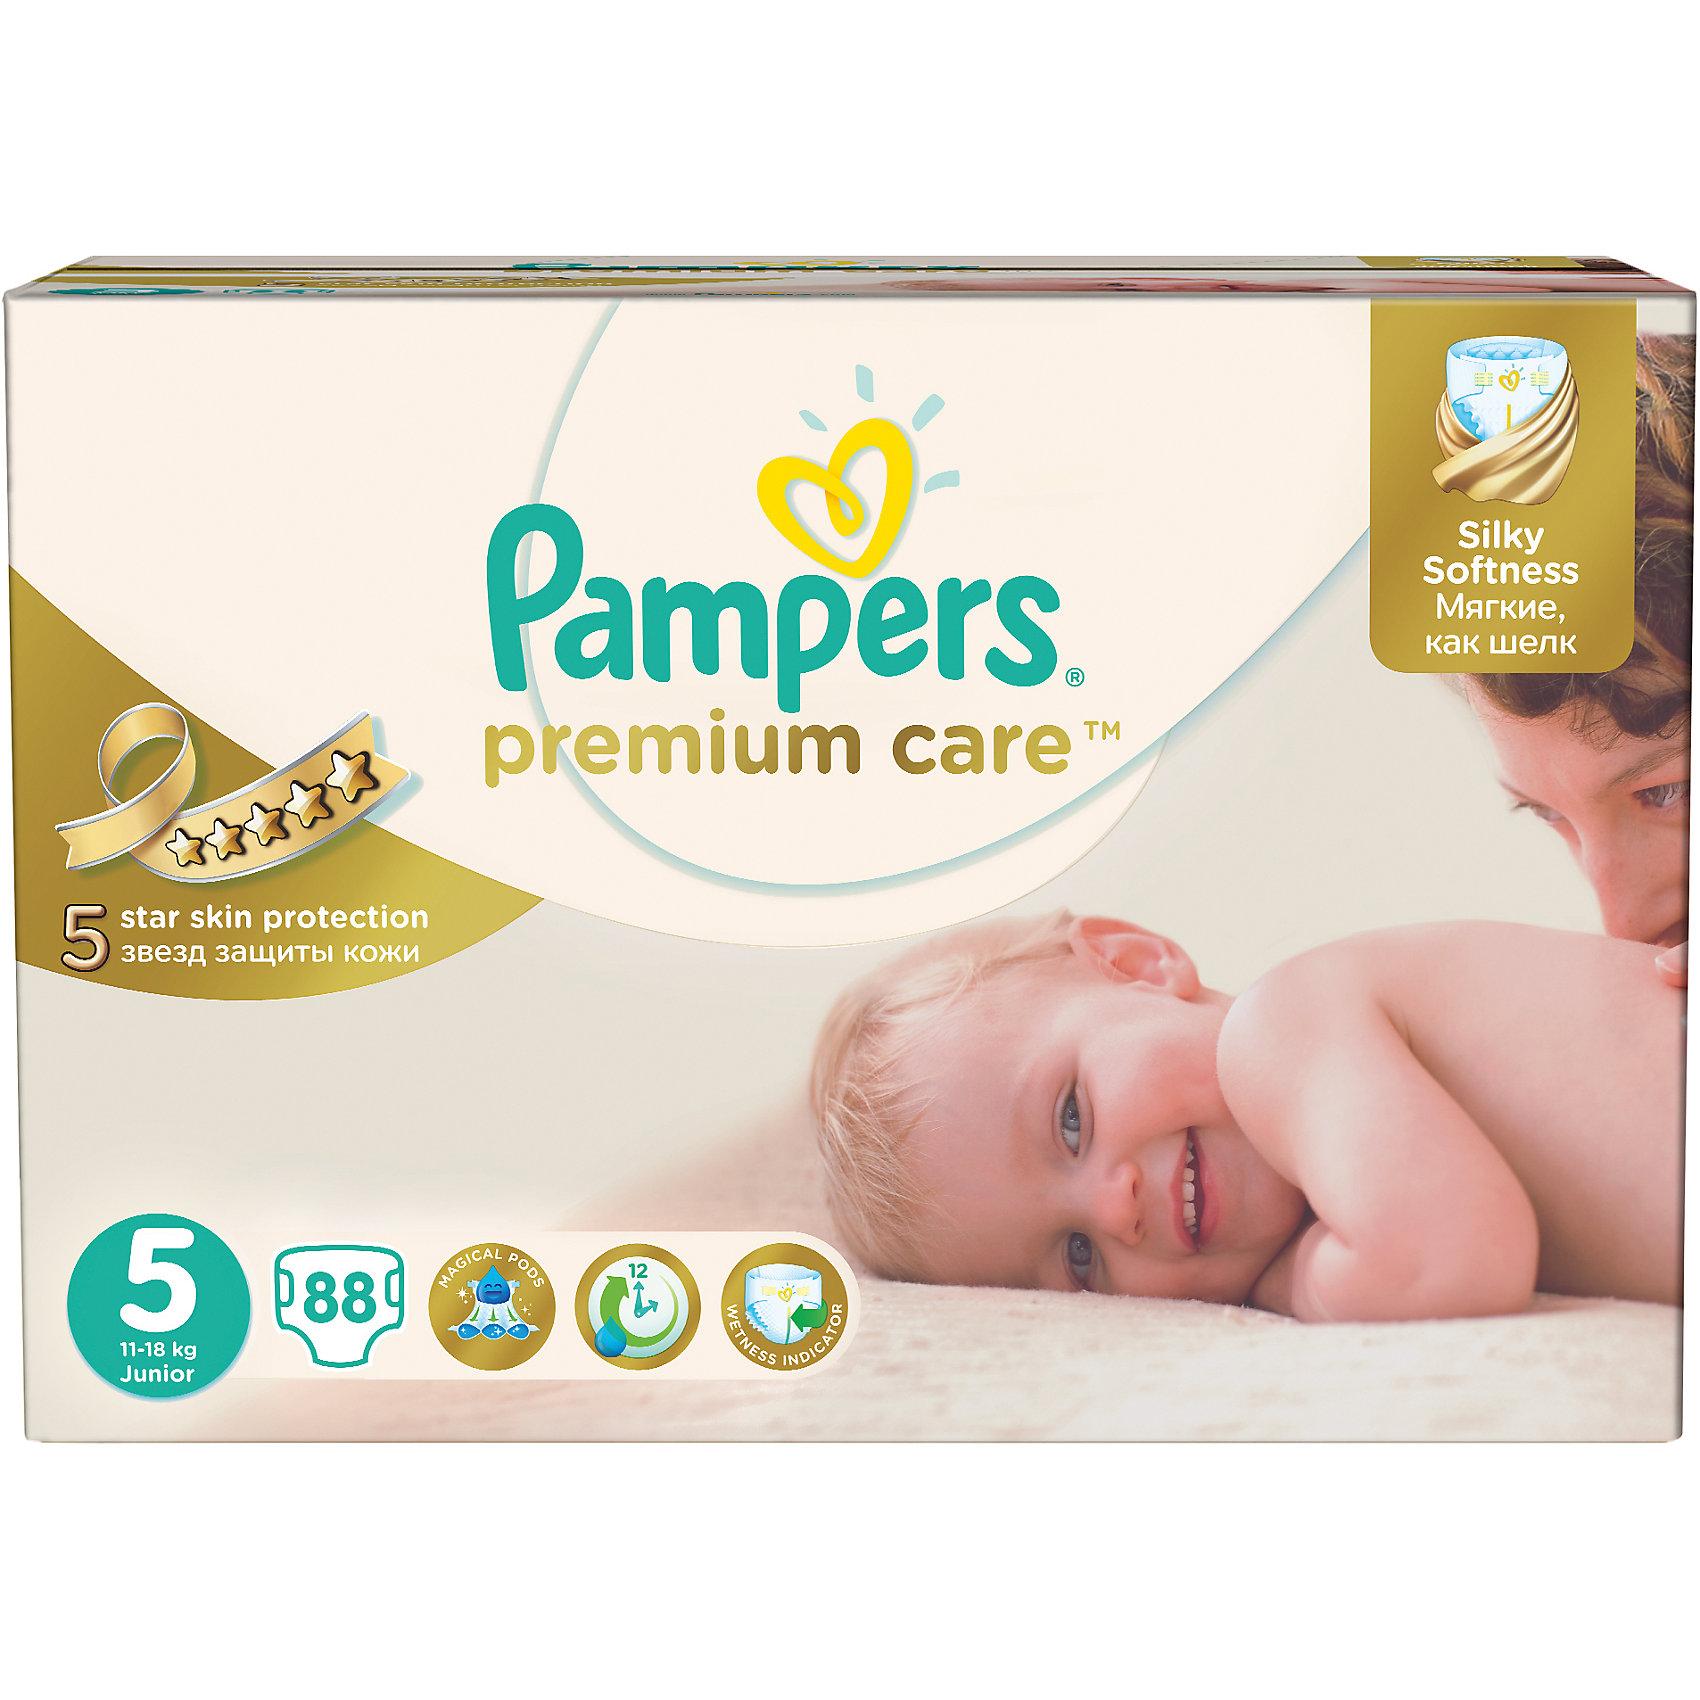 Подгузники Pampers Premium Care, 11-18 кг, 5 размер, 88 шт., PampersПодгузники более 12 кг.<br>Характеристики:<br><br>• Пол: универсальный<br>• Тип подгузника: одноразовый<br>• Коллекция: Premium Care<br>• Предназначение: для использования в любое время суток <br>• Размер: 5<br>• Вес ребенка: от 11 до 18 кг<br>• Количество в упаковке: 88 шт.<br>• Упаковка: картонная коробка<br>• Размер упаковки: 31,8*24,4*25,8 см<br>• Вес в упаковке: 3 кг 209 г<br>• Эластичные застежки-липучки<br>• Подходят для чувствительной кожи<br>• Индикатор влаги<br>• Дышащие материалы<br>• Повышенные впитывающие свойства<br><br>Подгузники Pampers Premium Care, 11-18 кг, 5 размер, 88 шт., Pampers – это новейшая линейка детских подгузников от Pampers, которая сочетает в себе высокое качество и безопасность материалов, удобство использования и комфорт для нежной кожи малыша. Подгузники предназначены для детей весом до 18 кг. Инновационные технологии и современные материалы обеспечивают этим подгузникам дышащие свойства, что особенно важно для кожи малыша. <br><br>Три впитывающих слоя обеспечивают повышенные впитывающие качества, при этом верхний слой остается сухим и мягким. У подгузников предусмотрена эластичная мягкая резиночка на спинке. Широкие липучки с двух сторон обеспечивают надежную фиксацию. У подгузника предусмотрен индикатор сухости-влажности, полоска, которая по мере наполнения меняет цвет. Подгузник подходит как для мальчиков, так и для девочек. <br><br>Подгузники Pampers Premium Care, 11-18 кг, 5 размер, 88 шт., Pampers можно купить в нашем интернет-магазине.<br><br>Ширина мм: 318<br>Глубина мм: 244<br>Высота мм: 258<br>Вес г: 3209<br>Возраст от месяцев: 12<br>Возраст до месяцев: 36<br>Пол: Унисекс<br>Возраст: Детский<br>SKU: 5419031